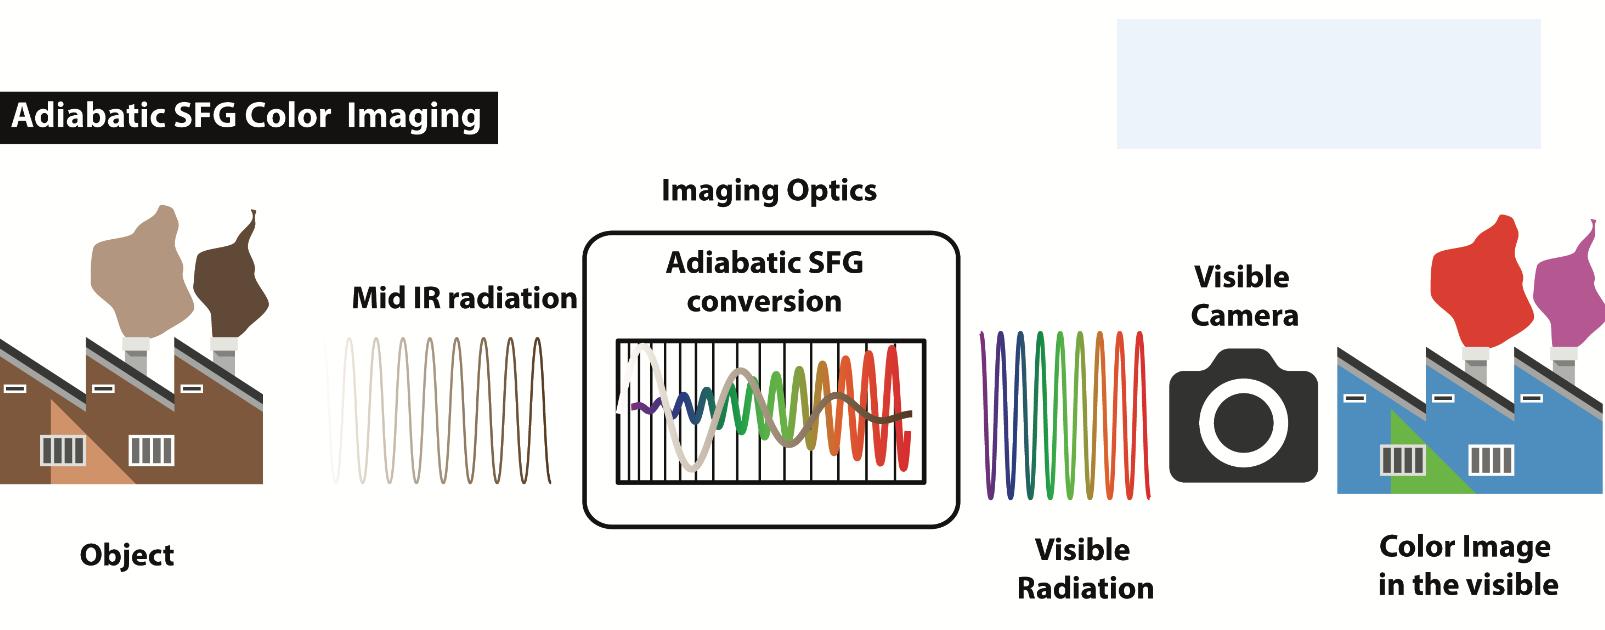 Una fábrica (izquierda) emite radiación electromagnética en el campo infrarrojo. La tecnología de la Universidad de Tel Aviv convierte las ondas al campo de la luz visible (en el centro). Estas ondas son captadas por una cámara estándar y nos permiten ver el color único de los gases emitidos por las chimeneas de la fábrica (derecha).